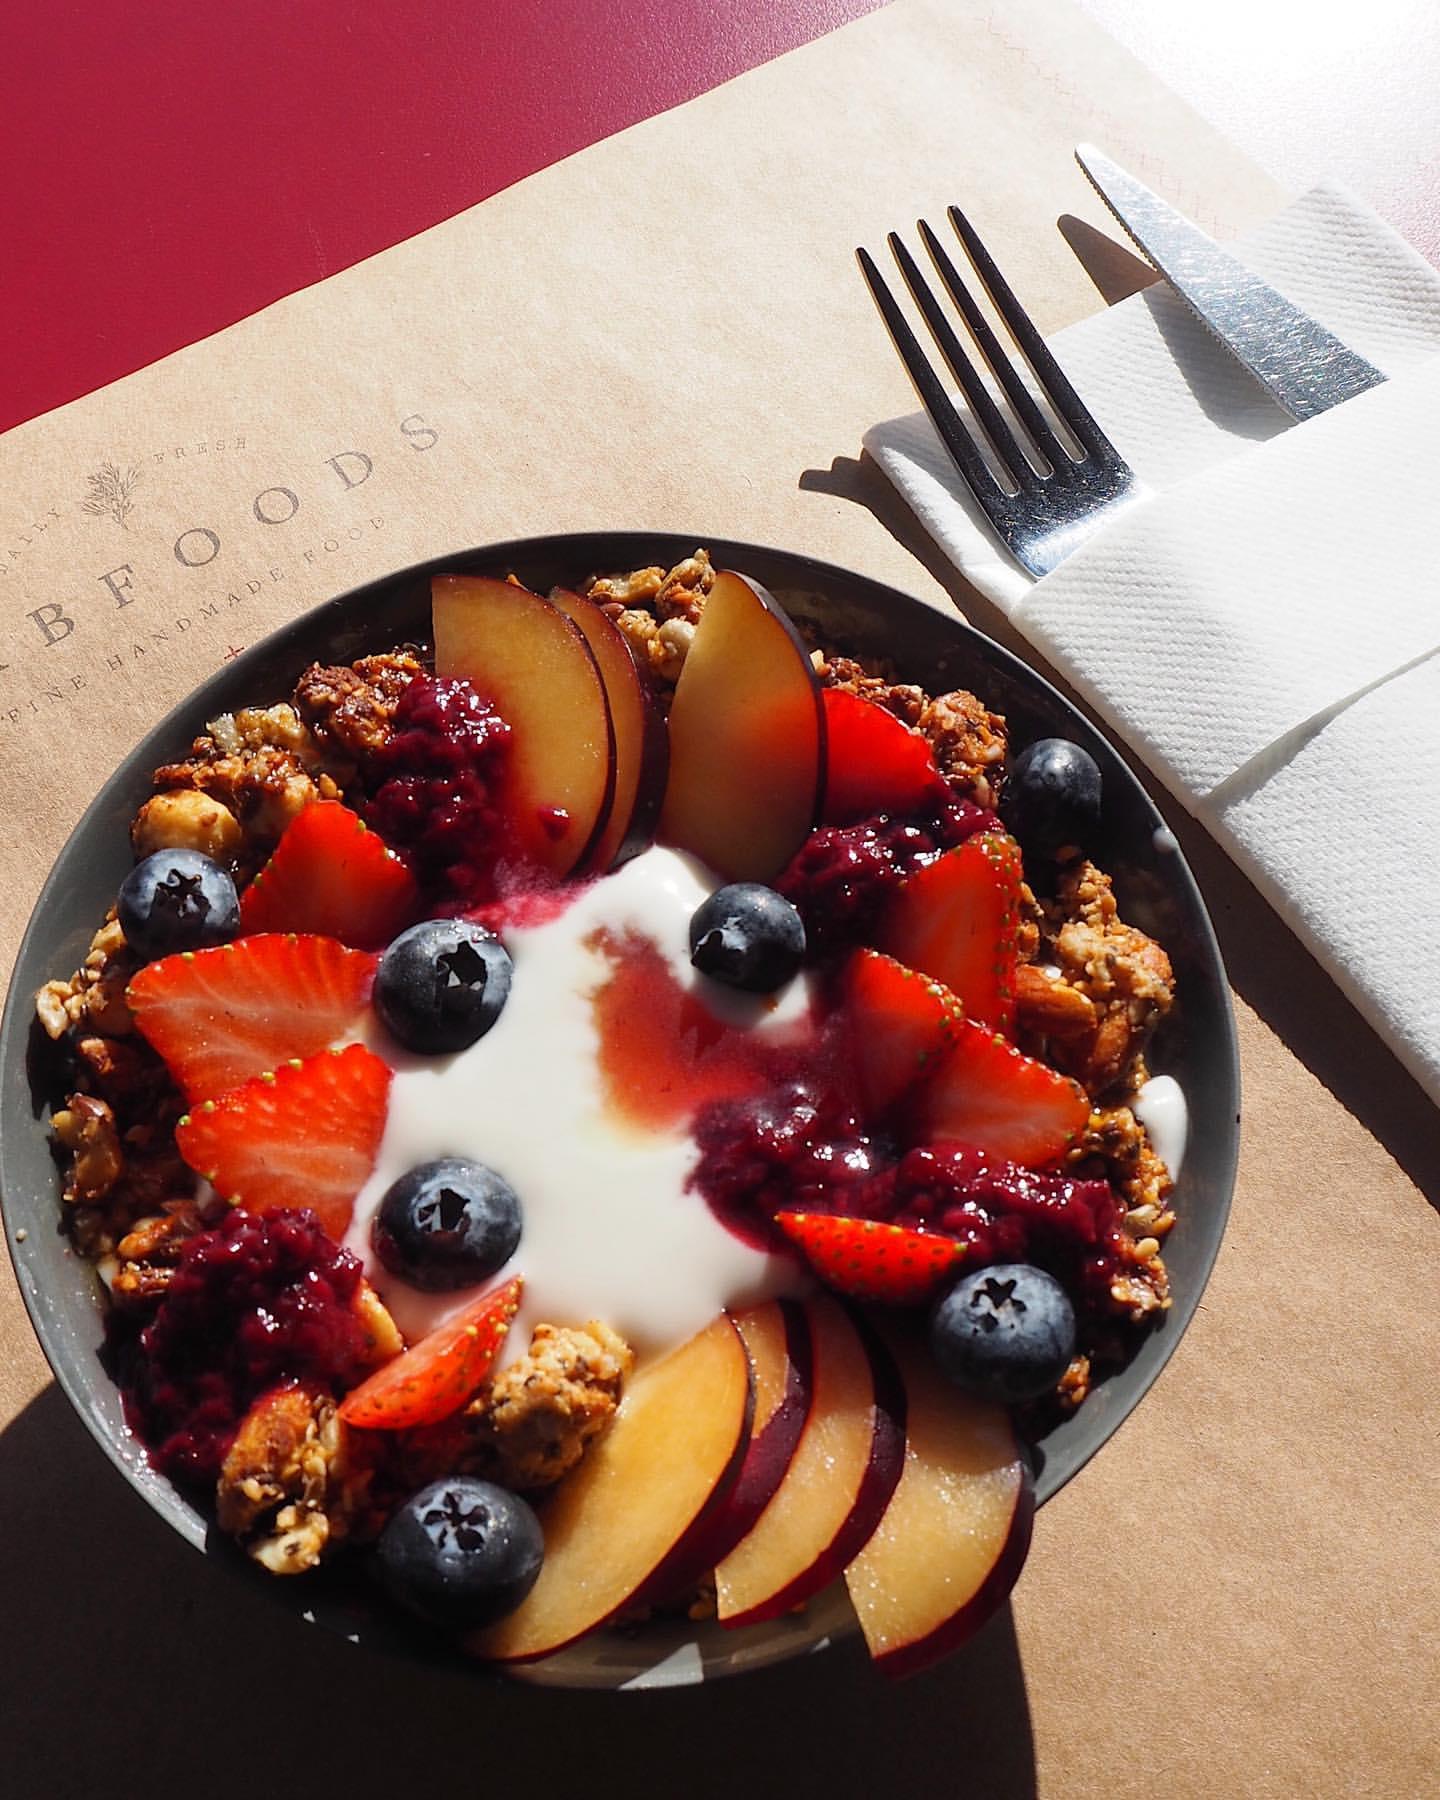 gabfoods beşiktaş istanbul menü fiyat listesi orman meyveli tatlı siparişi